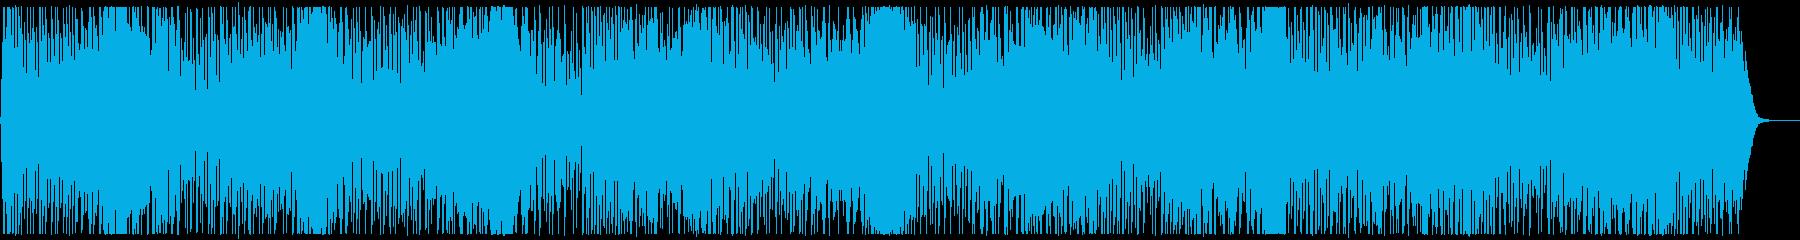 大胆なストリングス、ダイナミックな...の再生済みの波形